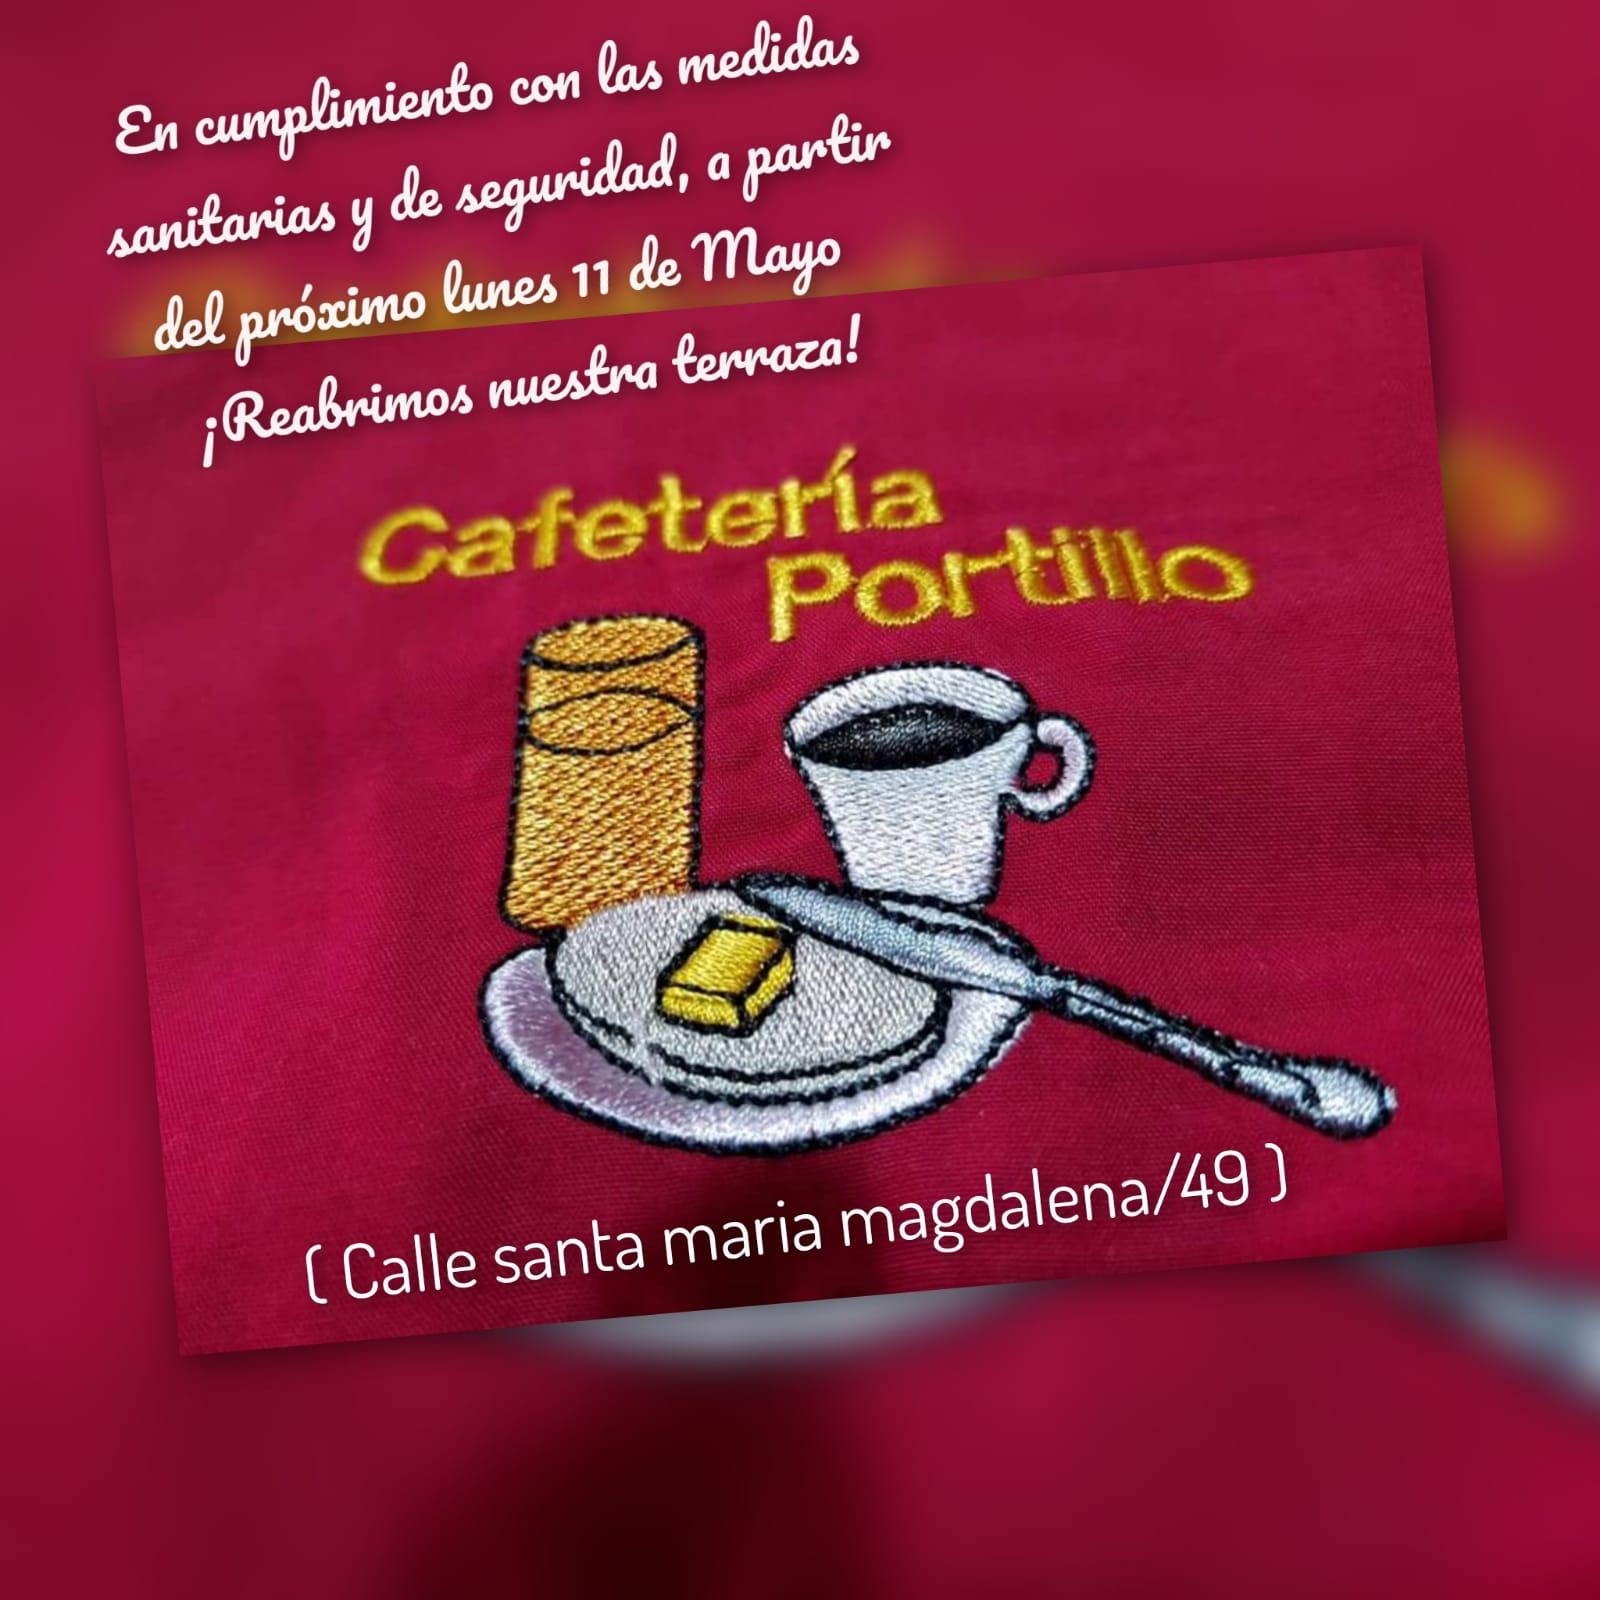 CAFETERÍA PORTILLO